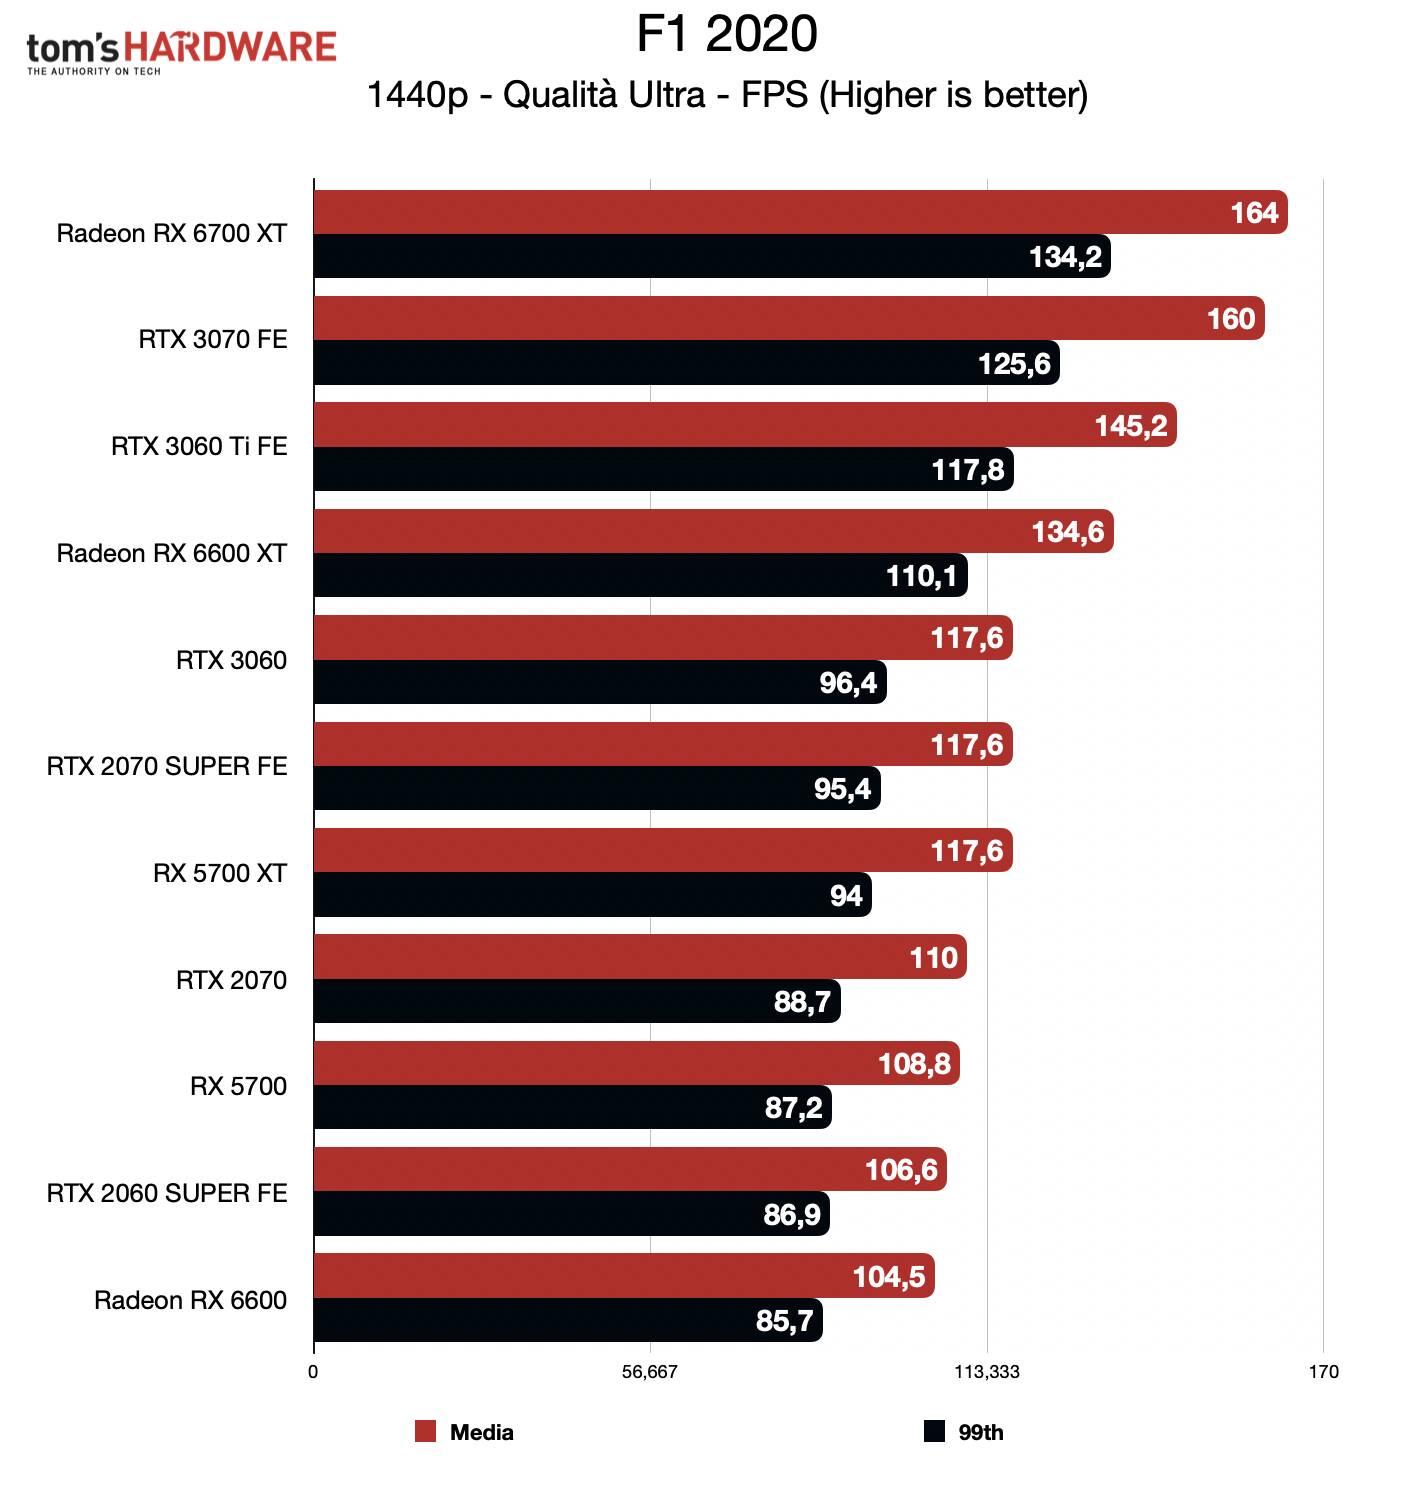 Benchmark Radeon RX 6600 - QHD - F1 2020